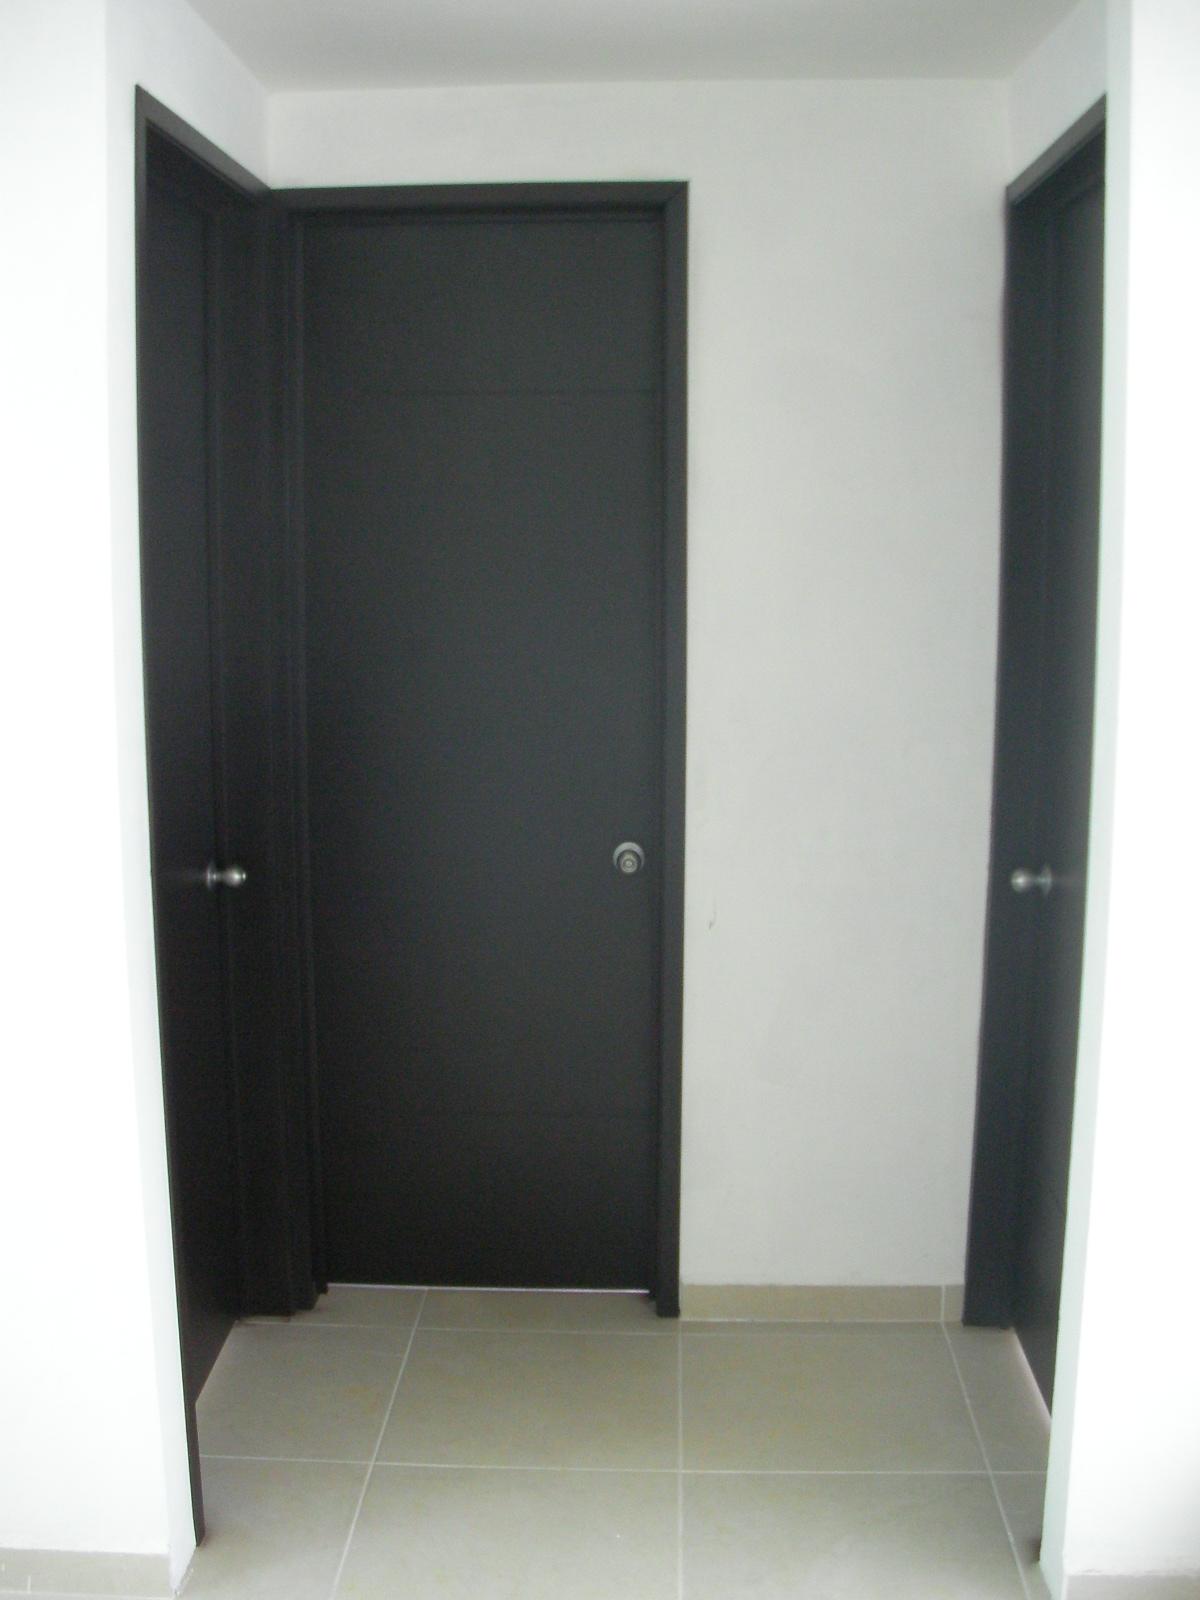 Closets y cocinas integrales residencial puertas for Puertas para recamara economicas